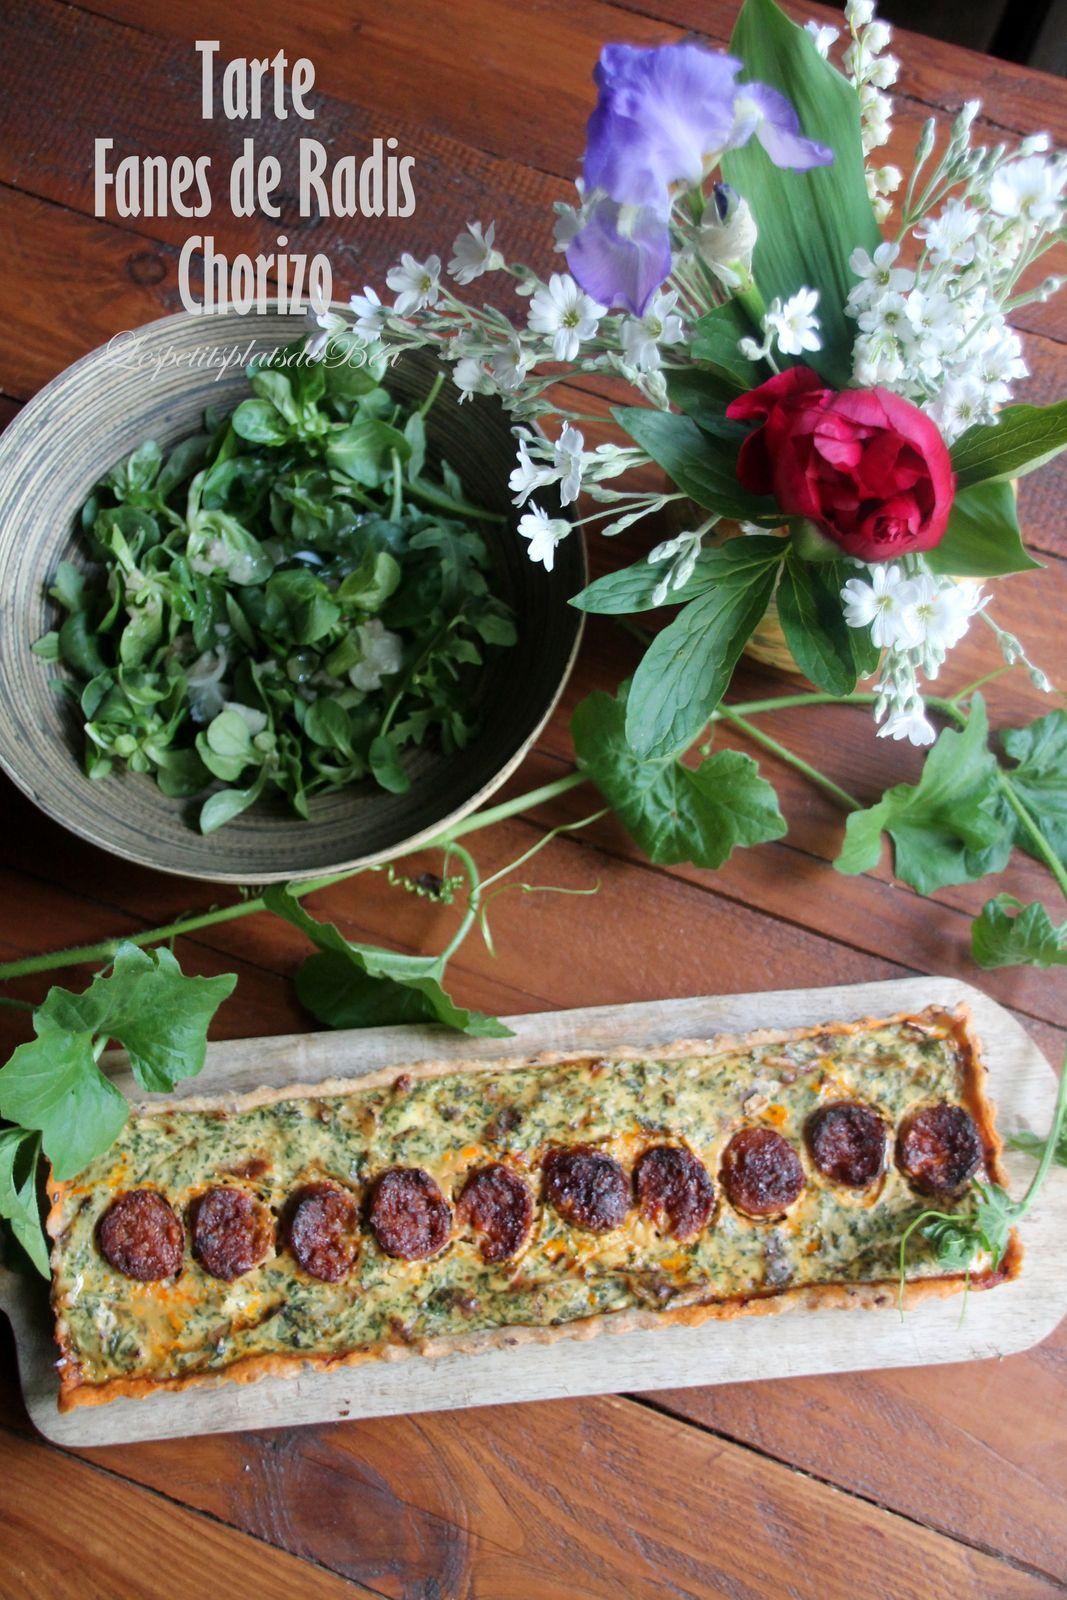 Tarte aux fanes de radis et chorizo